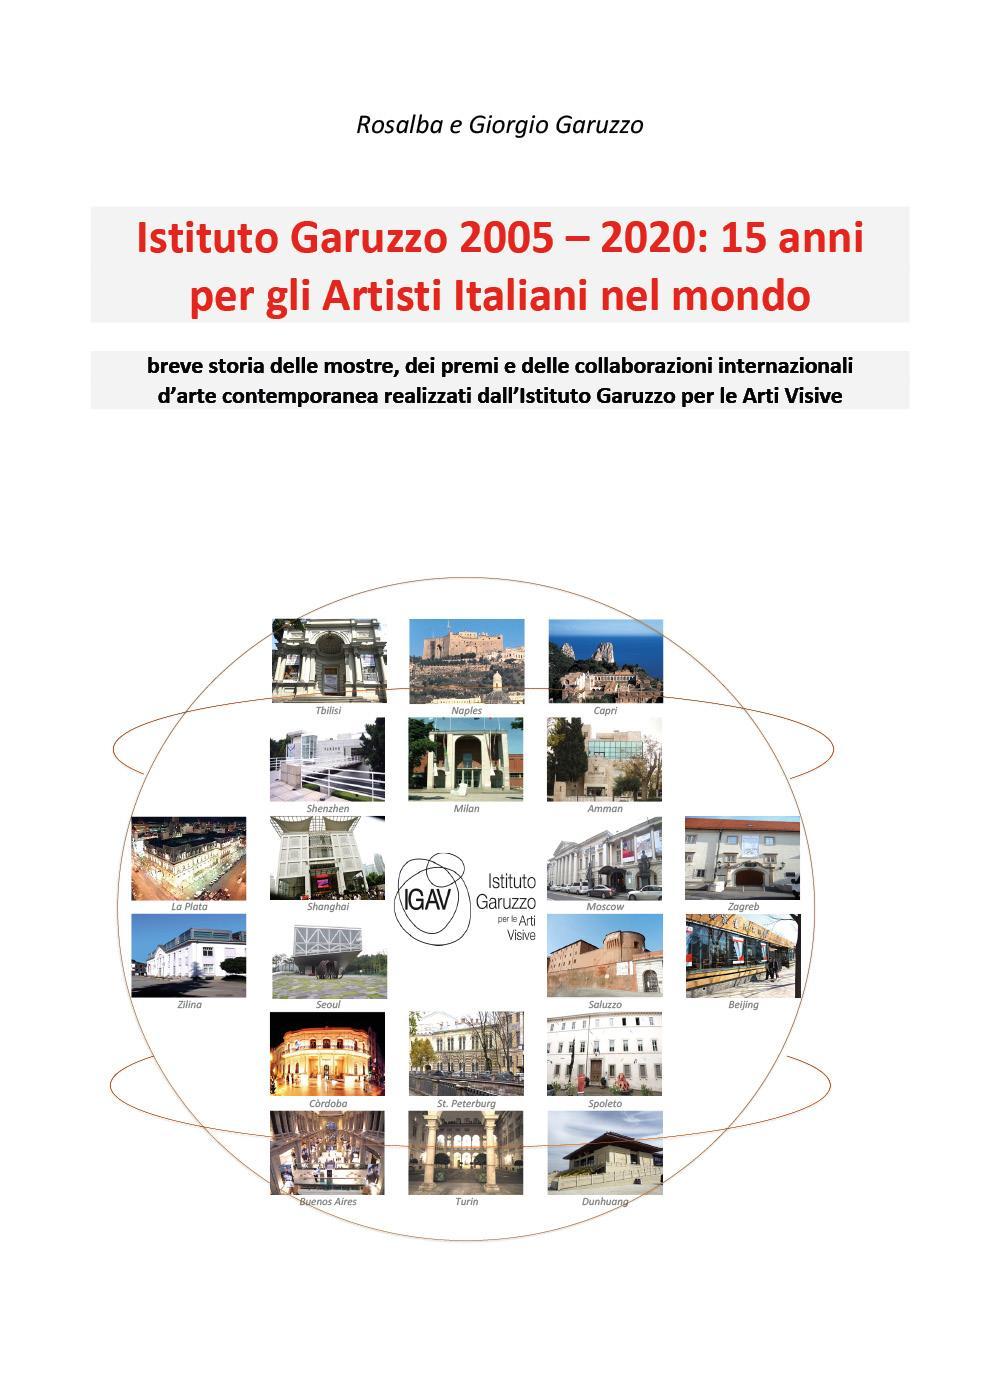 Istituto Garuzzo 2005 – 2020: 15 anni per gli Artisti Italiani nel mondo